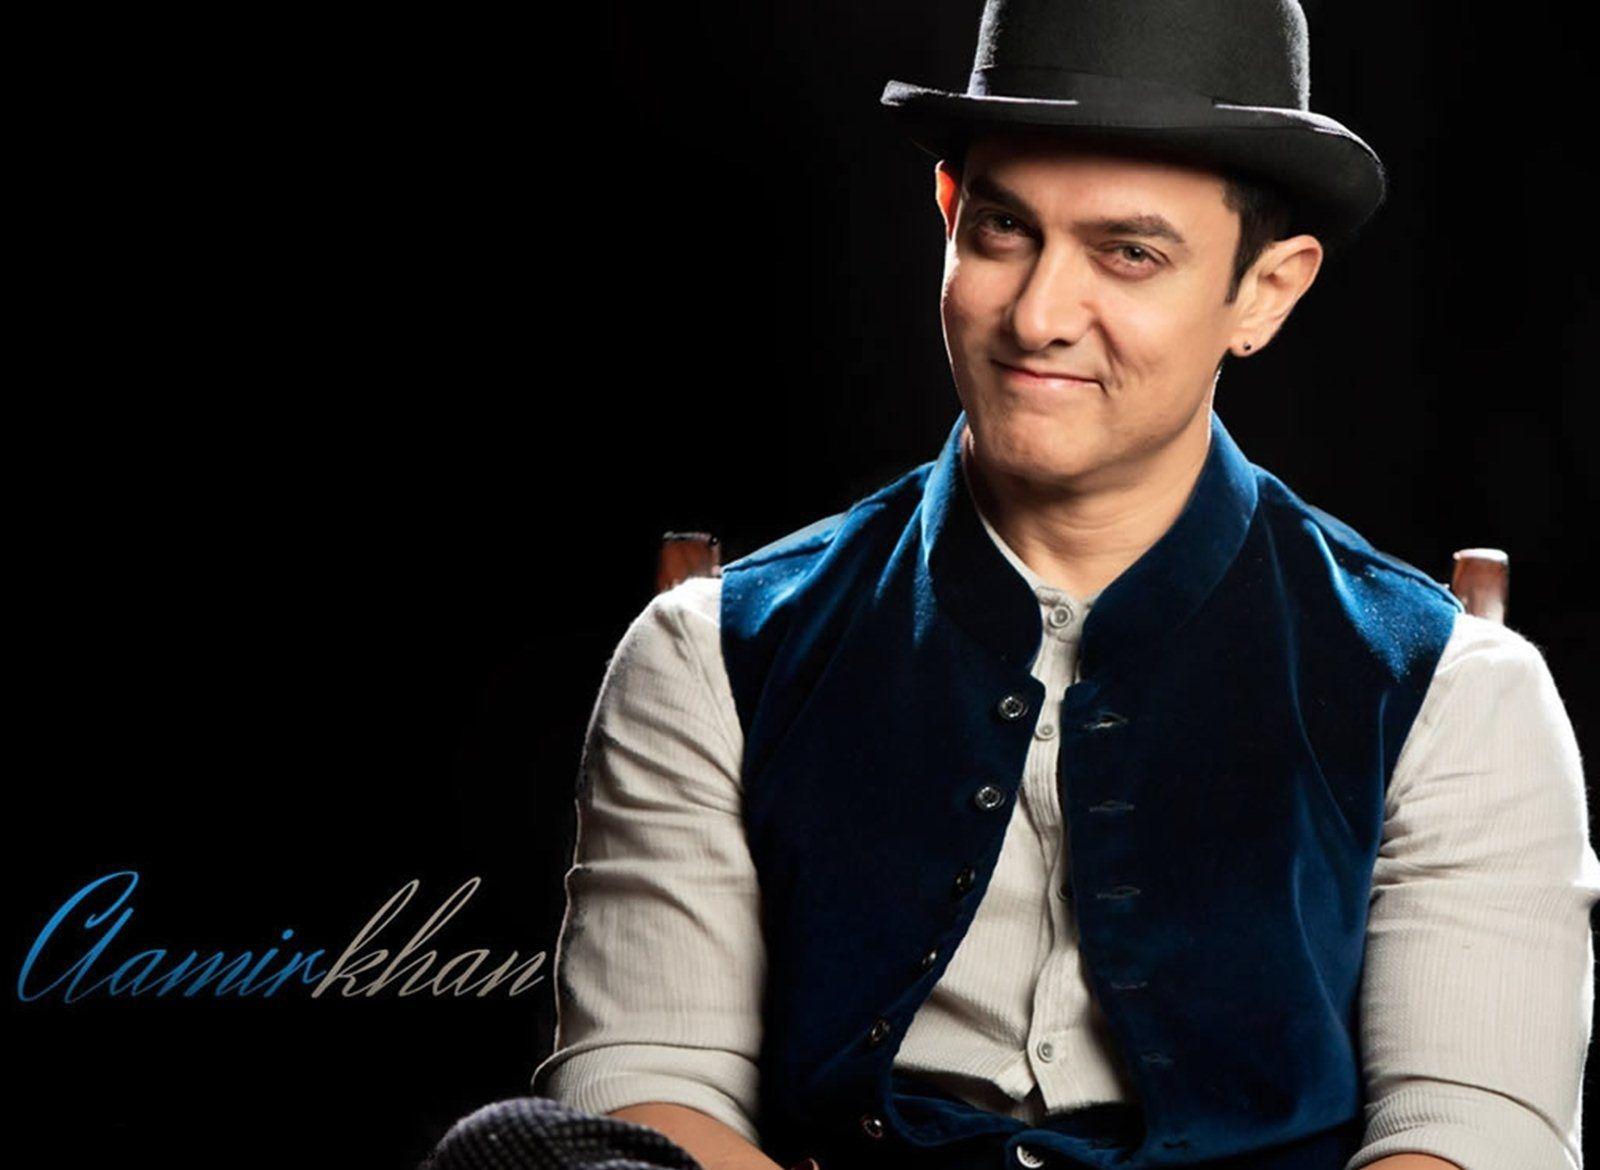 aamir khan images download Aamir Khan in 2019 Aamir khan 1600x1170